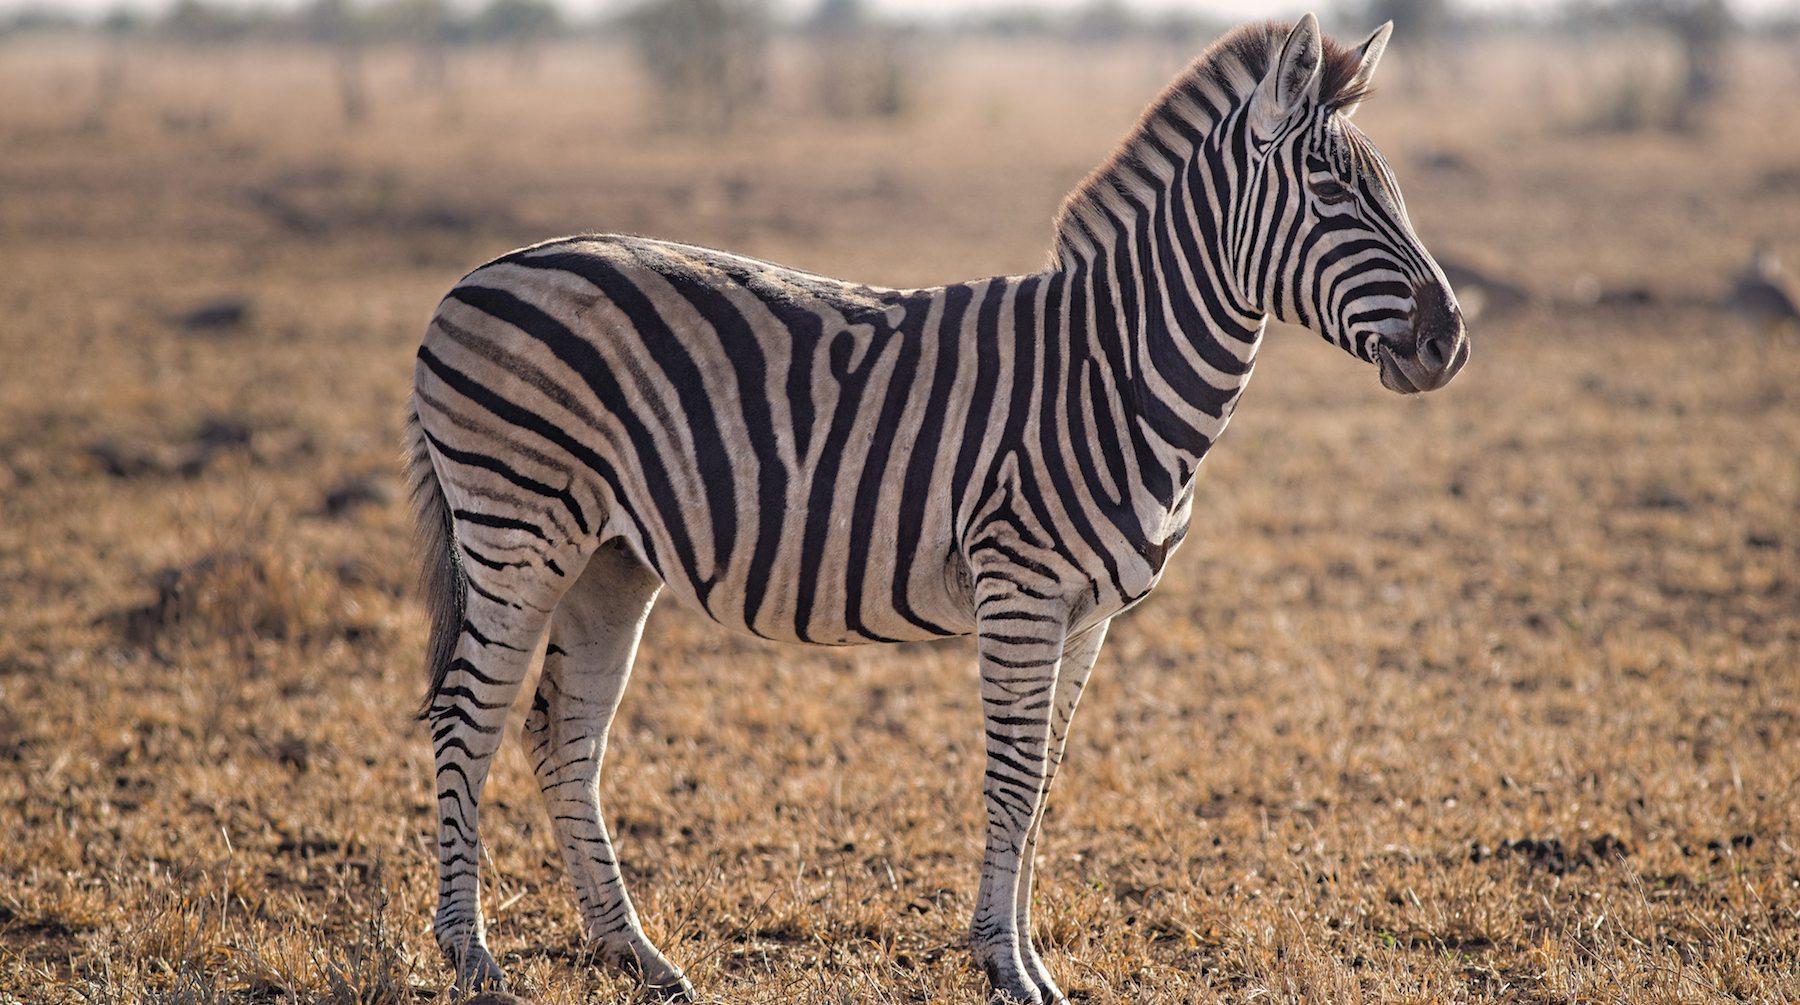 zebra_donkey-1532702694265-1532702696186.jpg